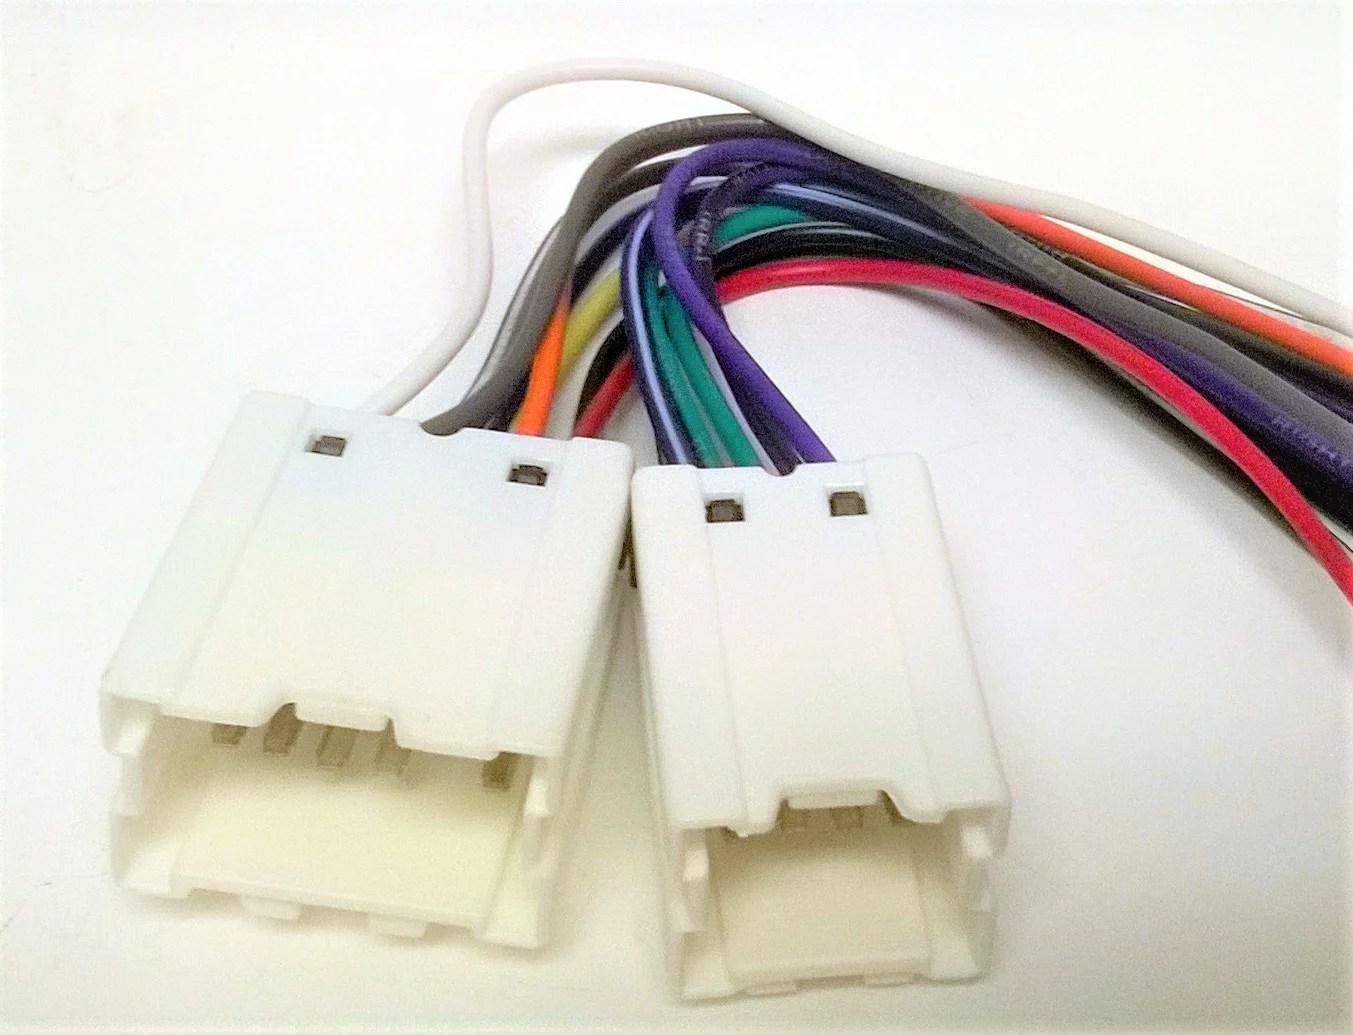 carxtc radio wire harness installs new car stereo fits infiniti qx4 rh walmart com 1998 infiniti qx4 stereo wiring diagram 2000 infiniti qx4 stereo wiring  [ 1353 x 1035 Pixel ]